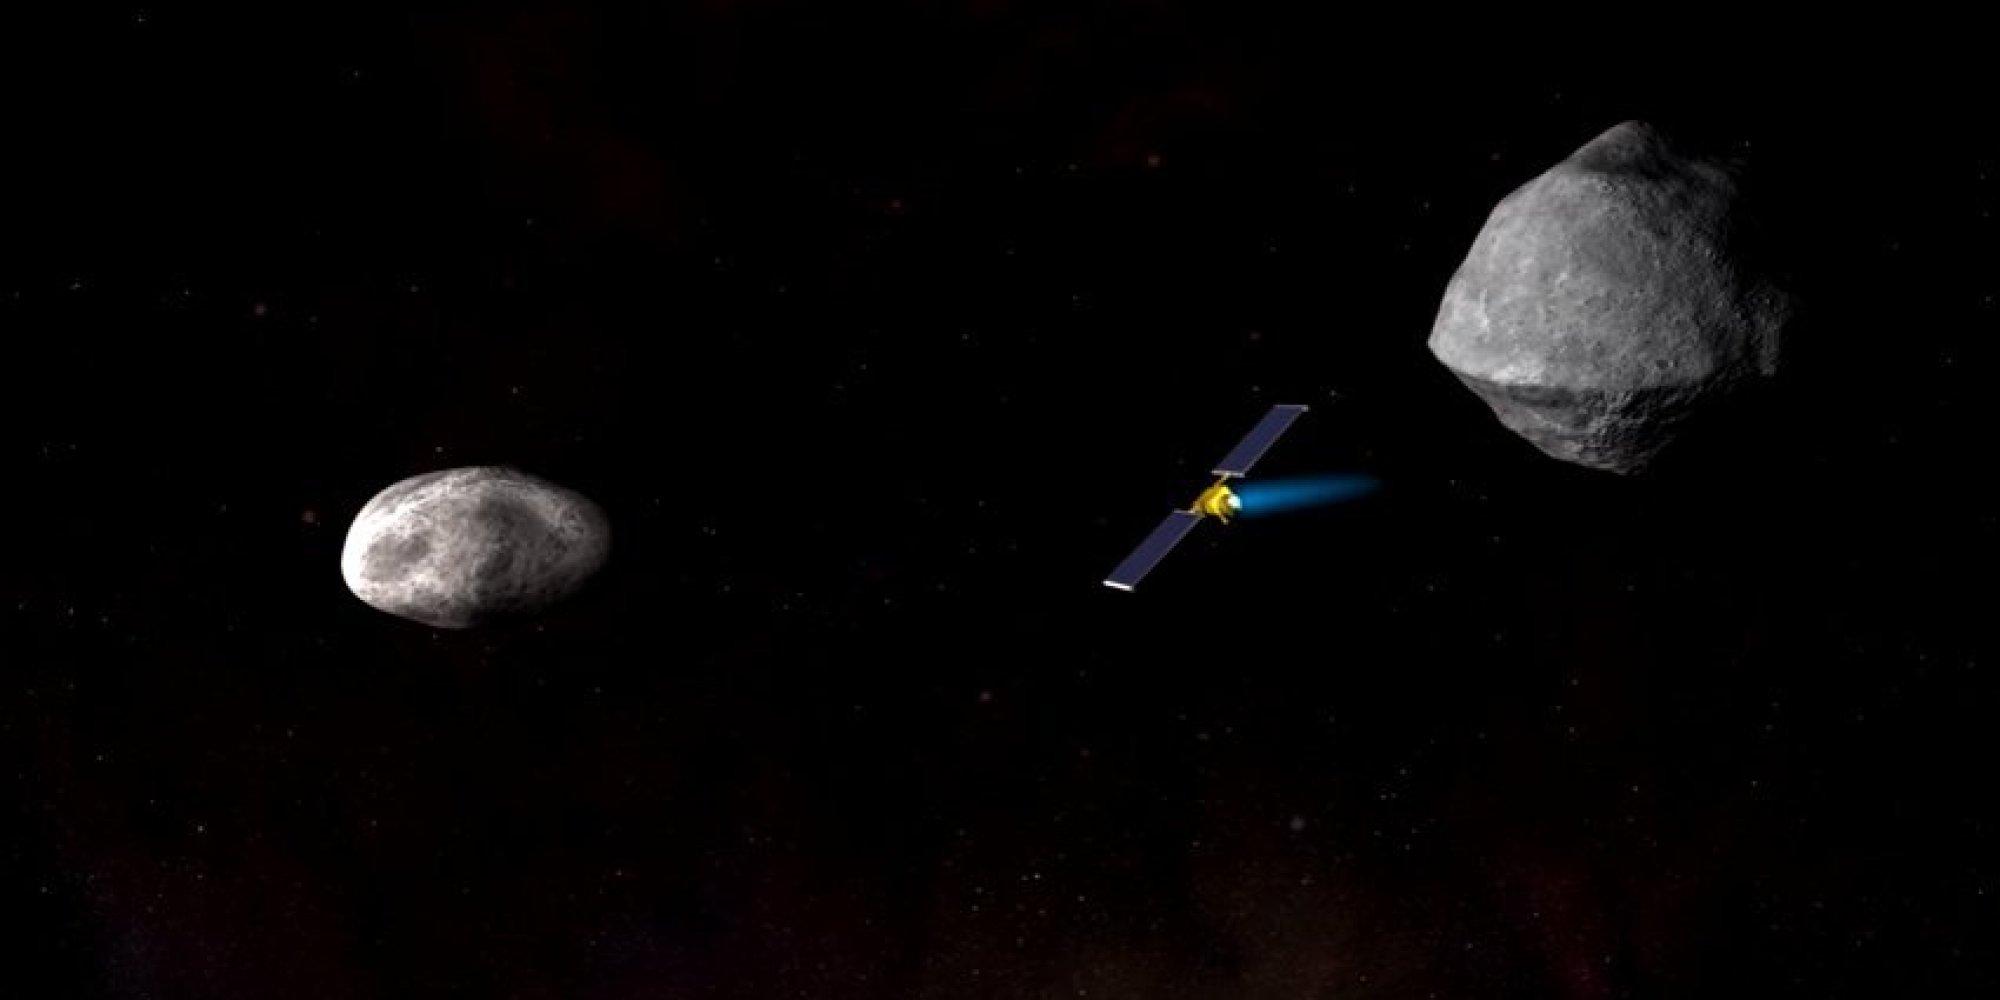 على غرار أفلام الخيال العلمي.. ناسا تخطط لتفجير كويكب في الفضاء قبل اصطدامه بالأرض!